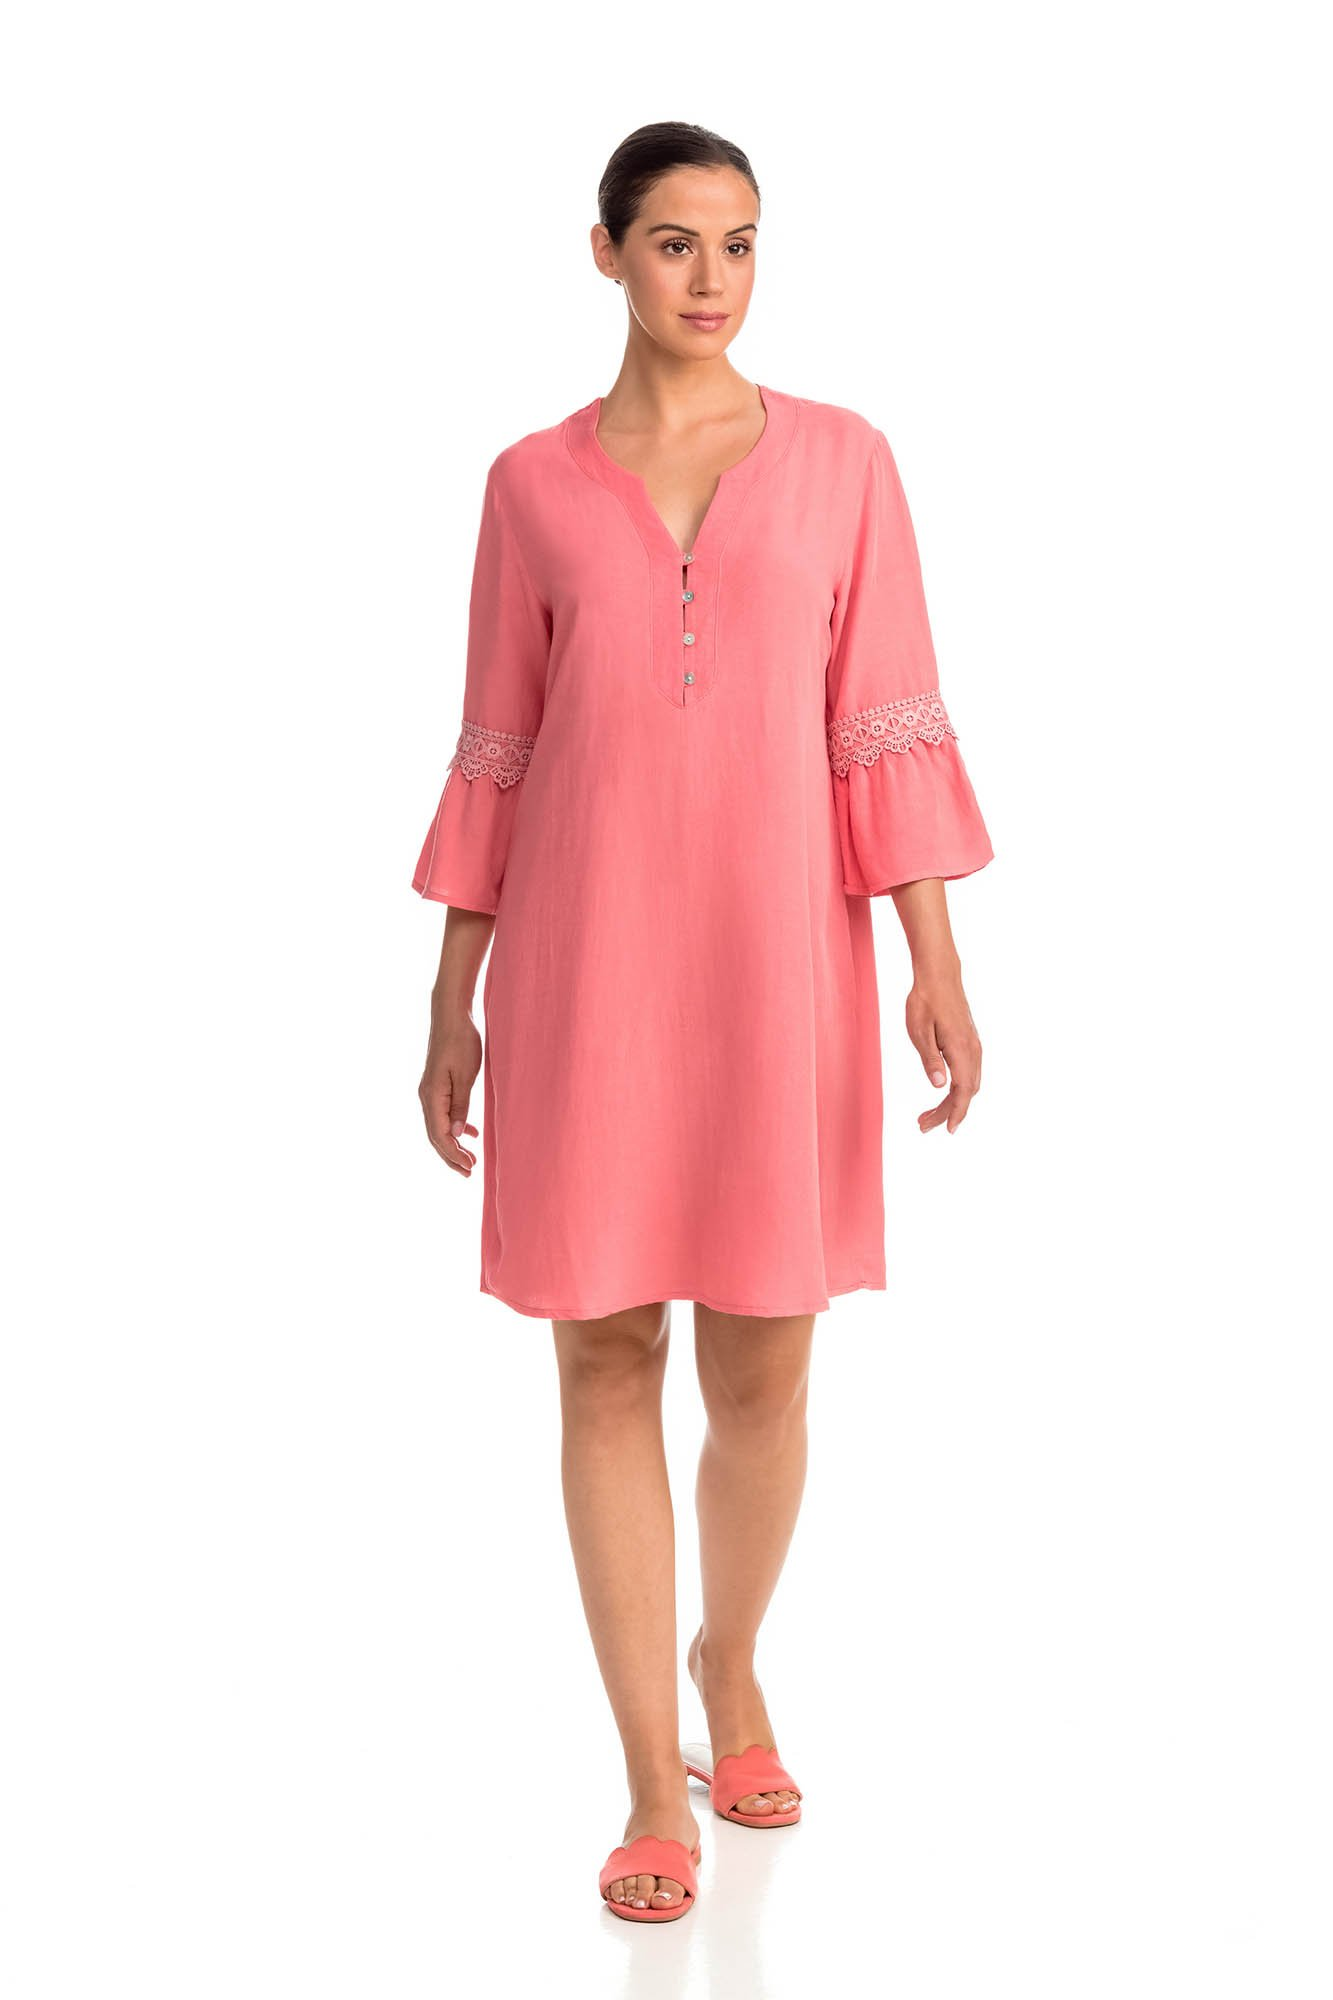 Vamp - Pohodlné jednofarebné dámske šaty 14444 - Vamp coral sugar l